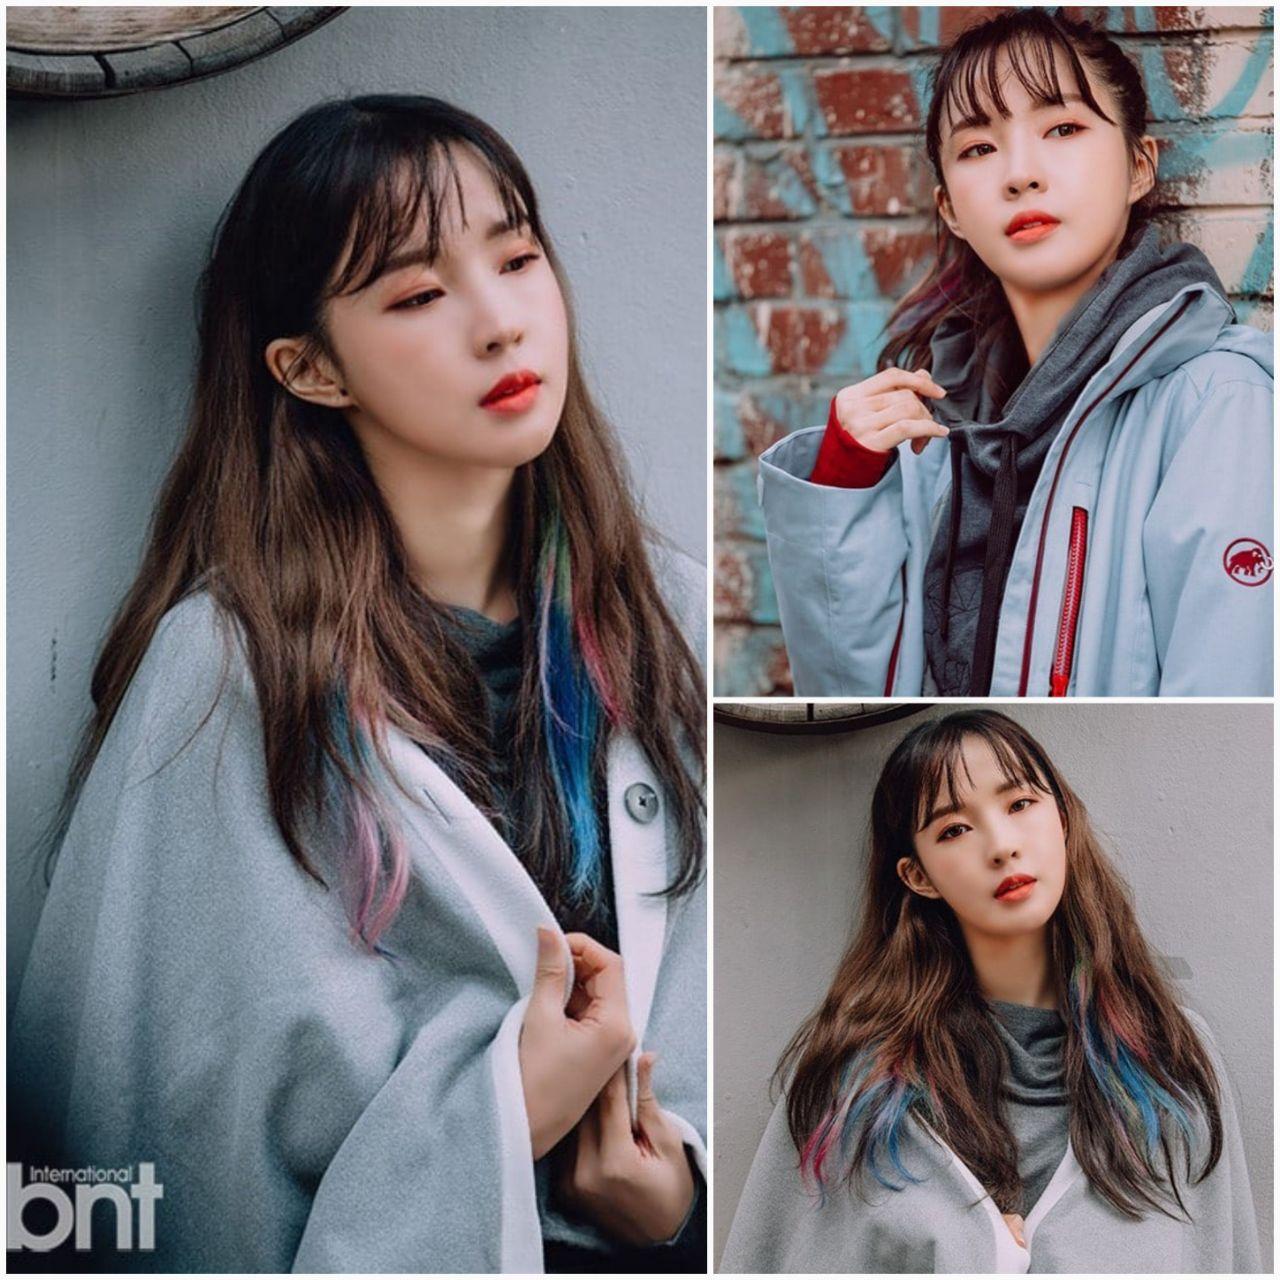 واقع بینانه بودن #JeonJiyoon نسبت به گردهمایی دورباره گروه 4Minute ❄ @ ❄